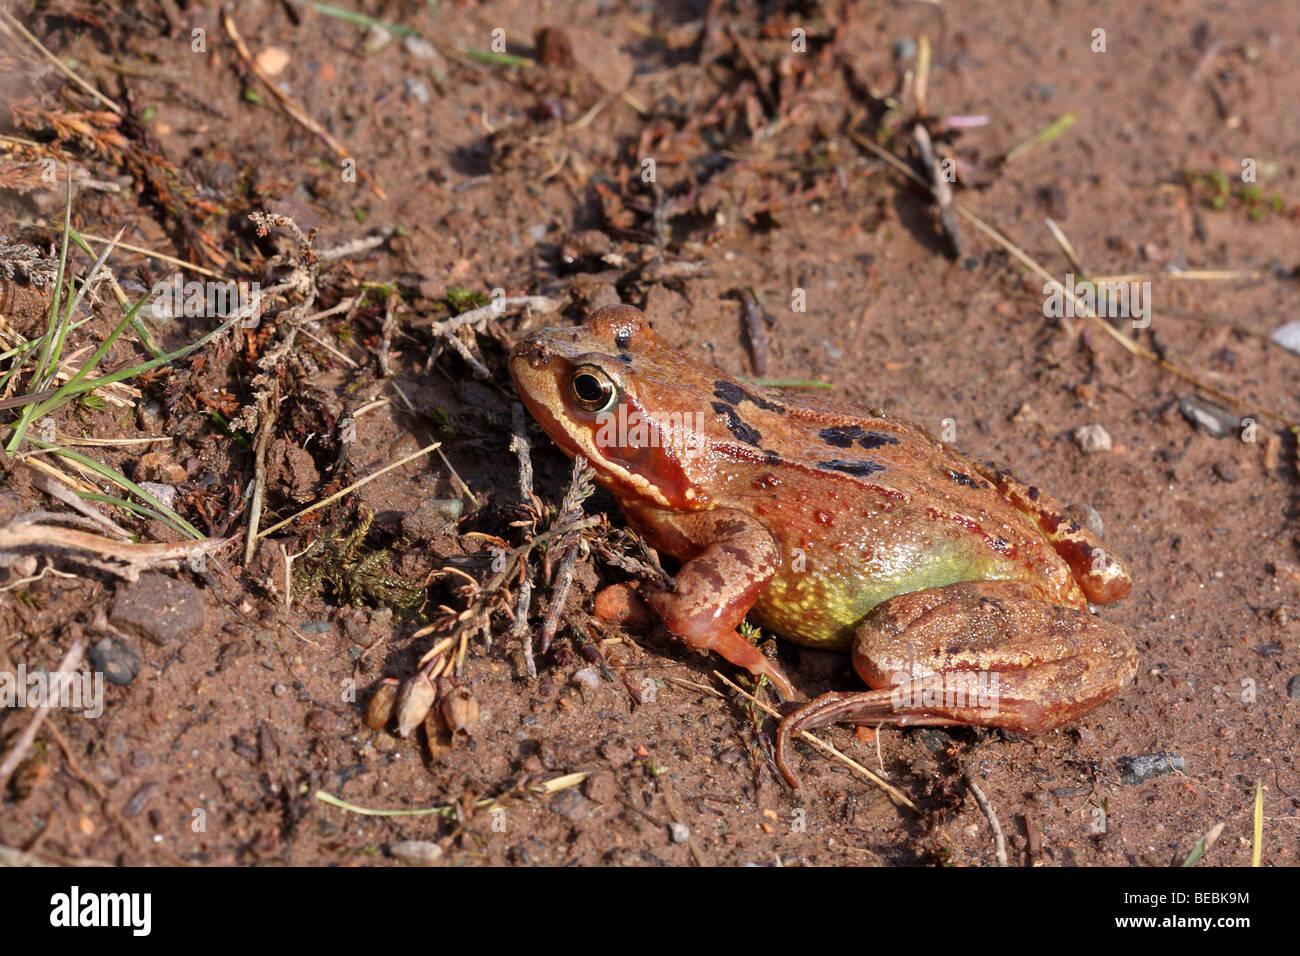 Frog, Rana temporaria, an orange colour morph - Stock Image